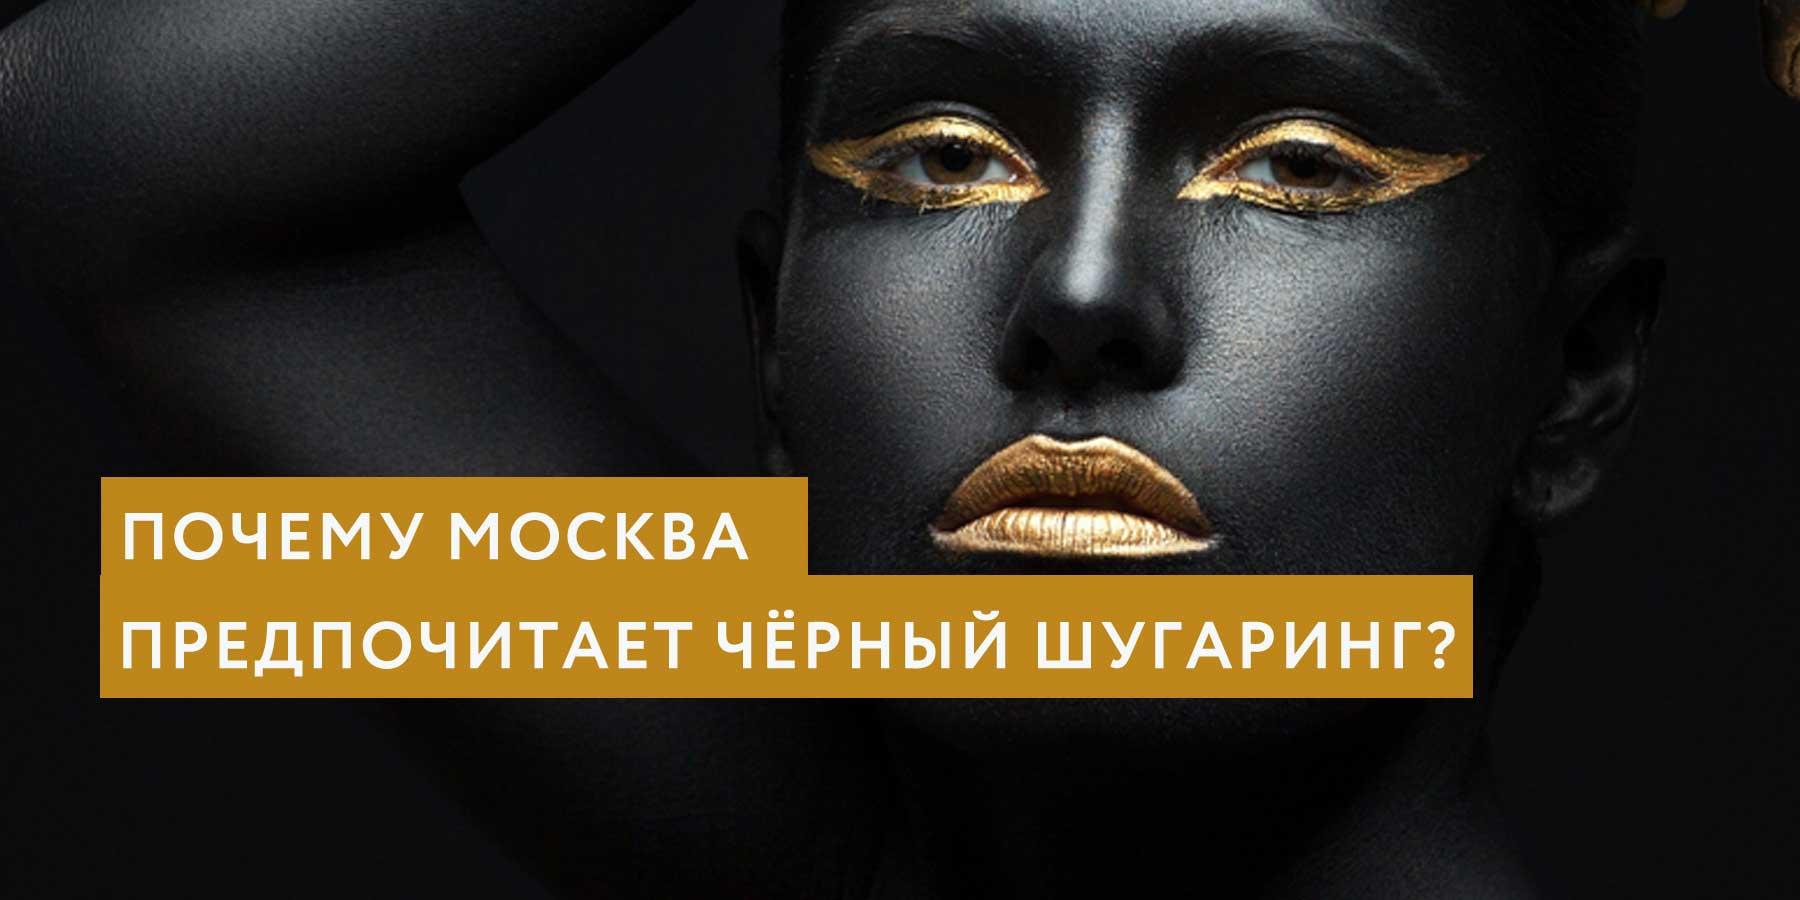 Серия для сахарной депиляции «Монохром», или почему Москва предпочитает чёрный шугаринг